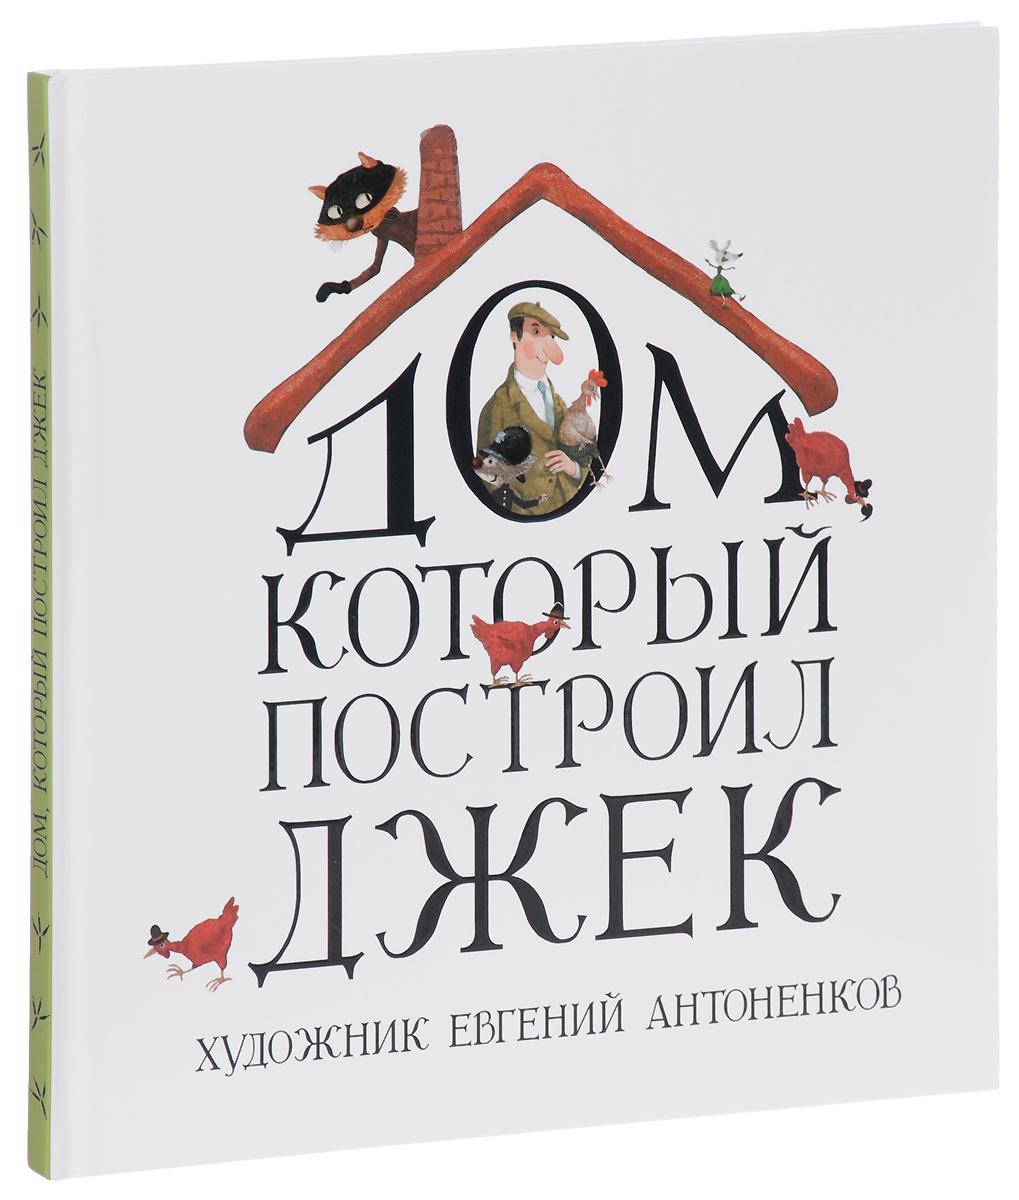 Набор открыток дом который построил джек